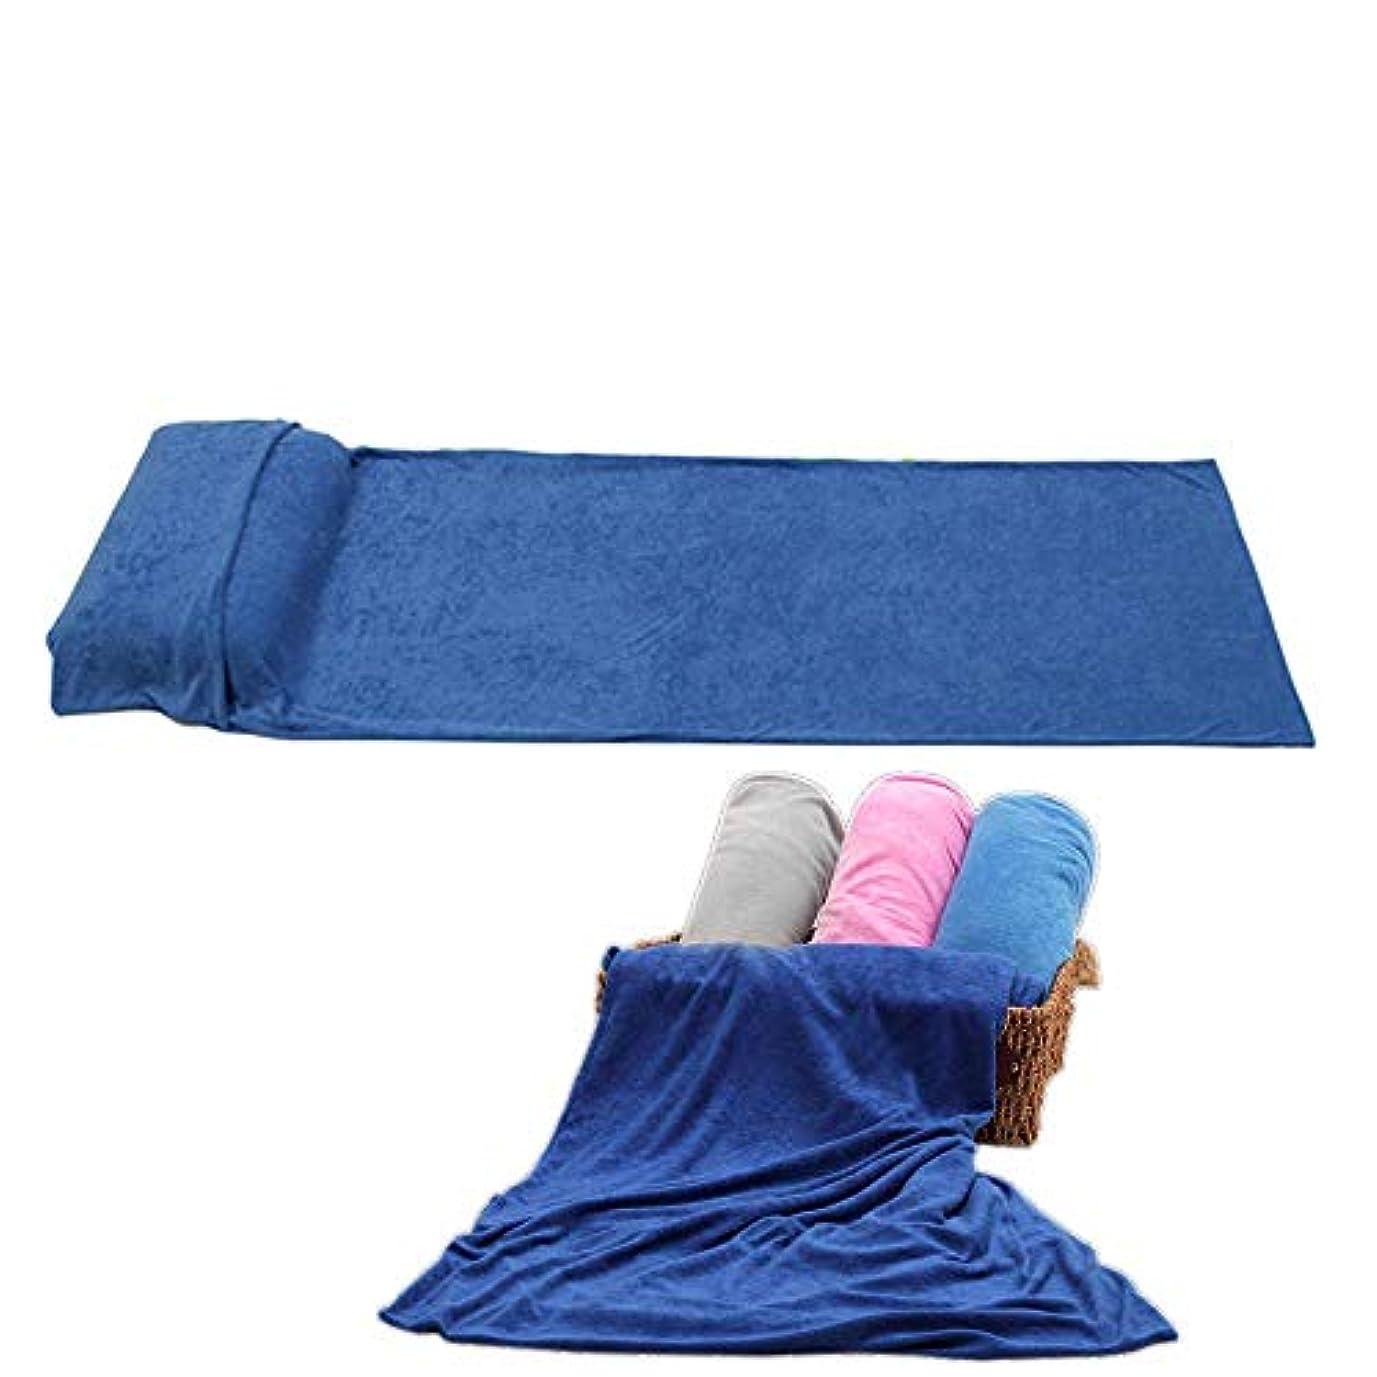 篭泳ぐ放散するROUTMAN 単層の柔らかいタオルの寝袋、ホテル旅行の寝袋、枕カバーと枕カバーなしなしで並ぶ寝袋、4色のオプションの色汚れた寝袋